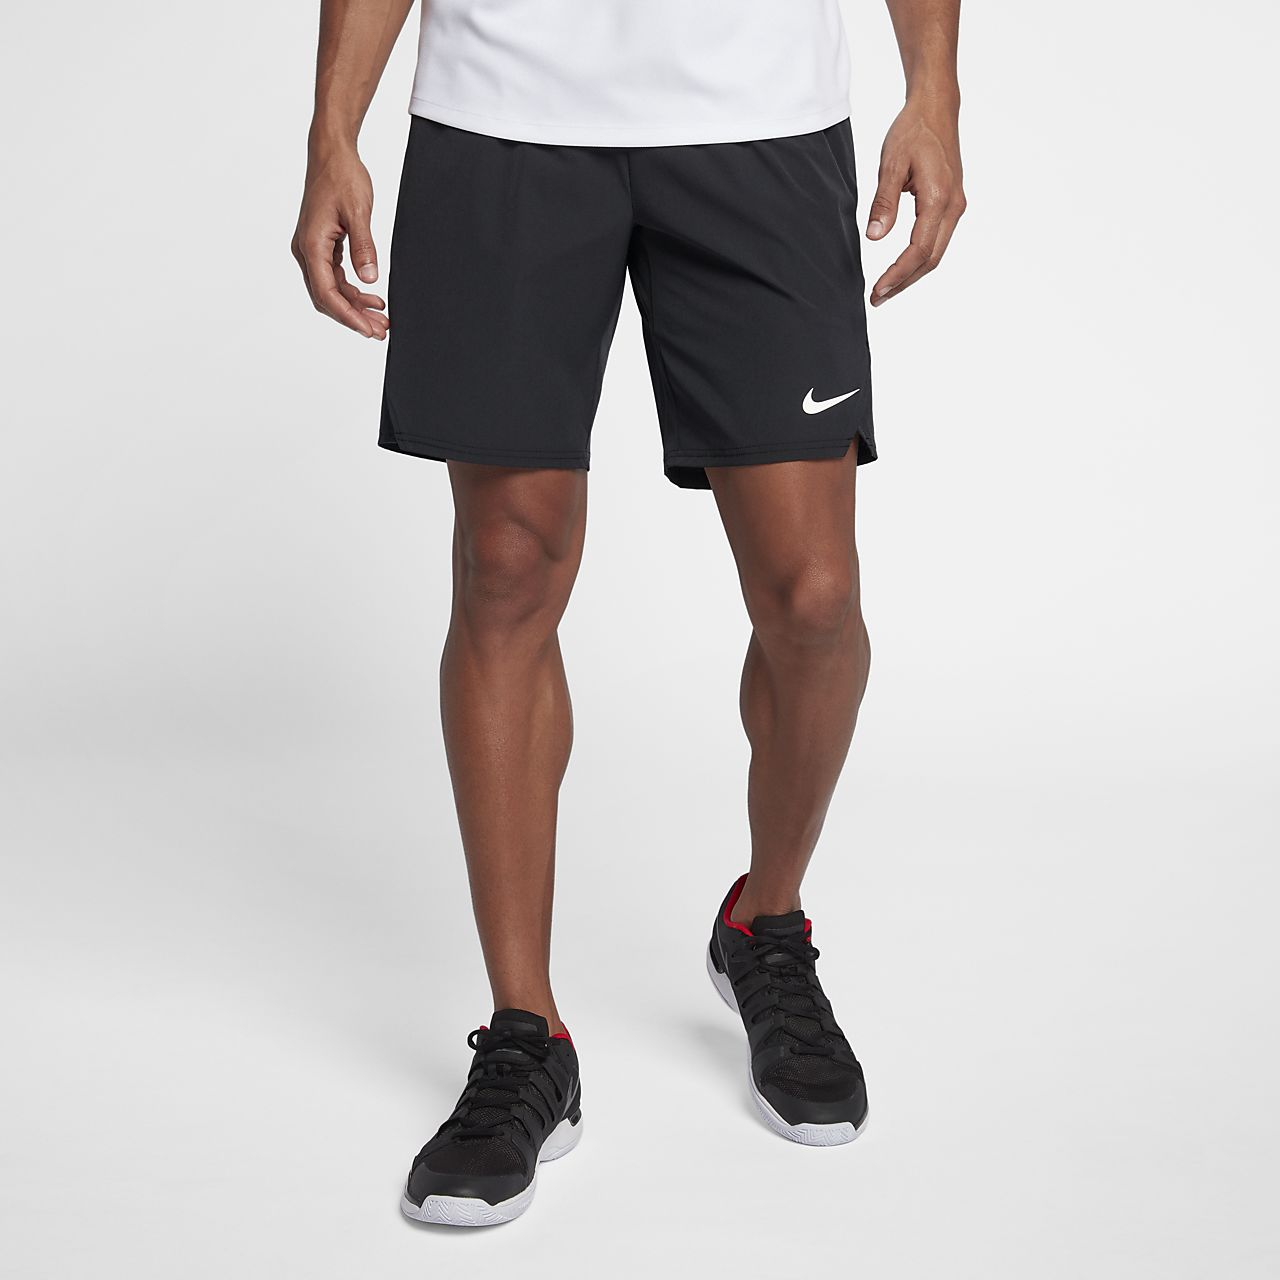 ac77752e80e06 NikeCourt Flex Ace Men's Tennis Shorts. Nike.com PH